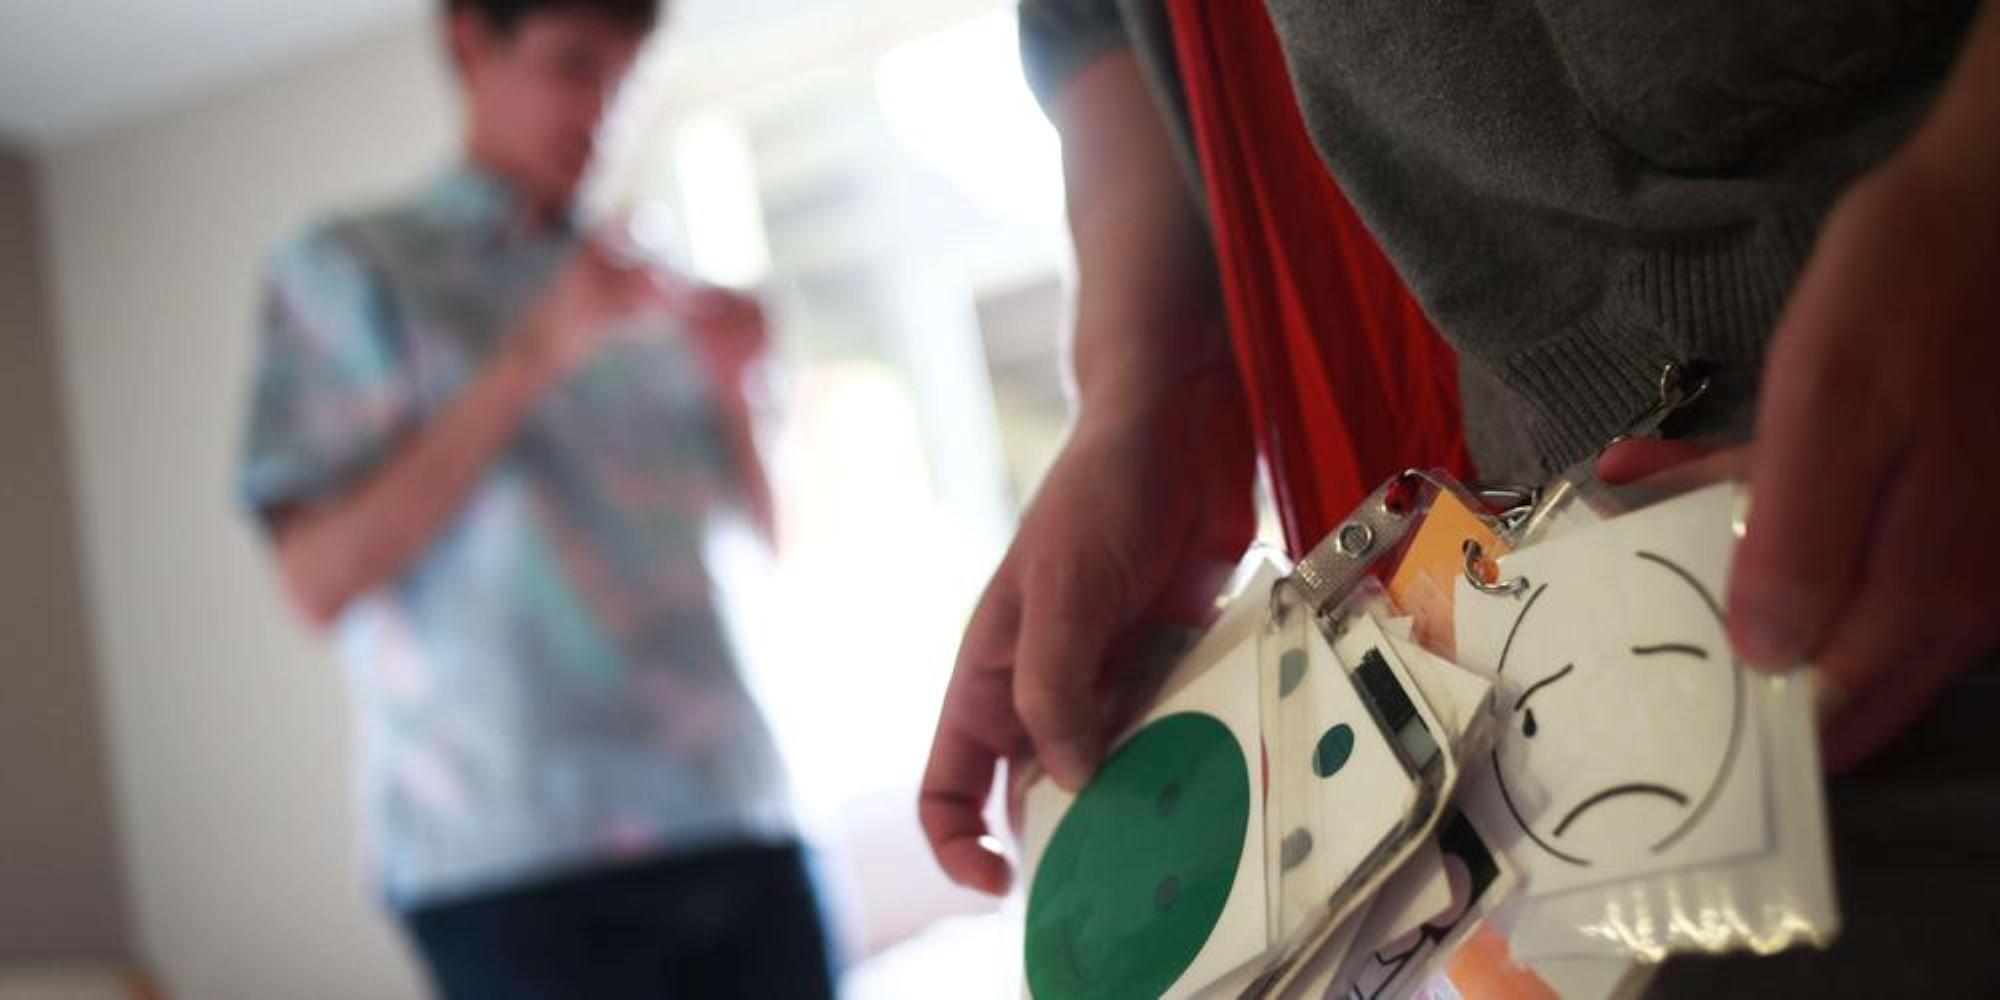 PCH : une aide bientôt élargie aux personnes avec déficience mentale, en expérimentation en Gironde